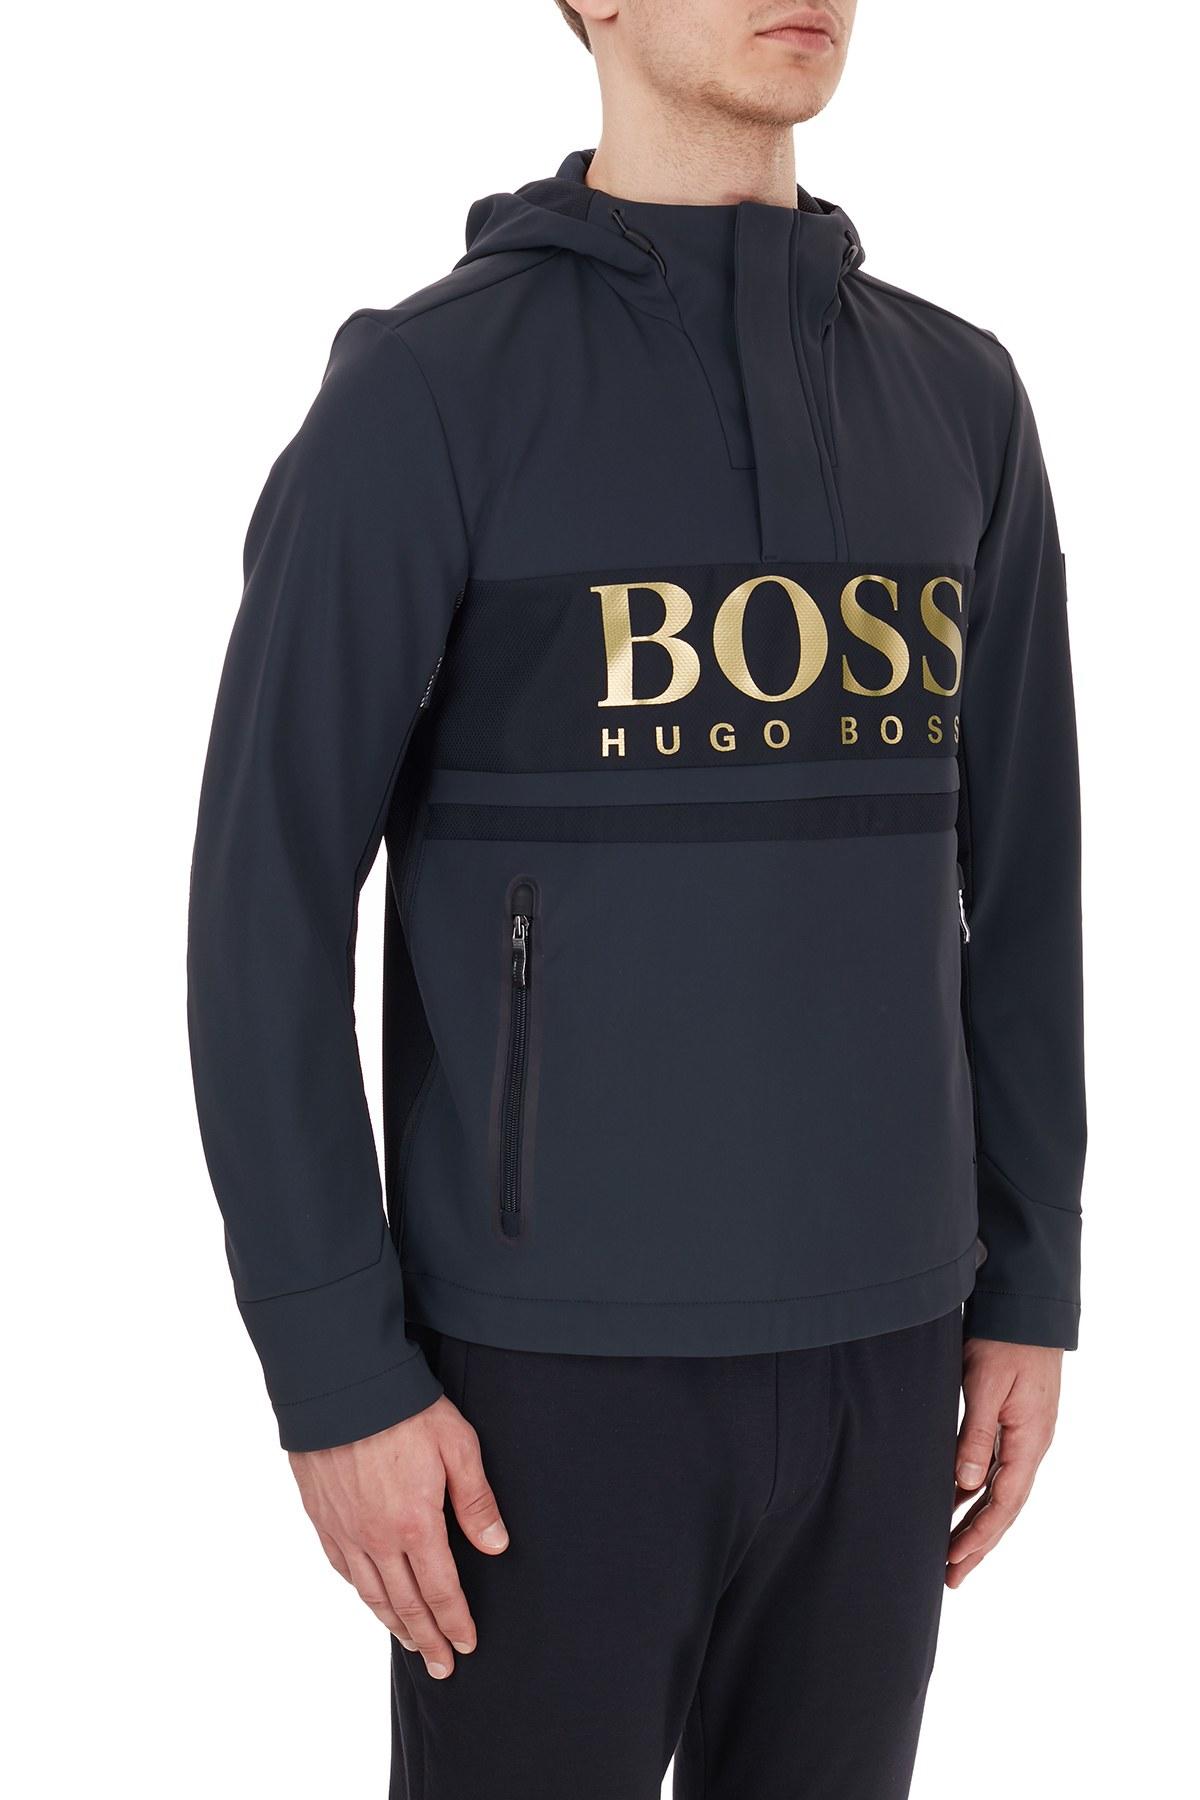 Hugo Boss Su Geçirmez Baskılı Kapüşonlu Erkek Mont 50435052 402 LACİVERT